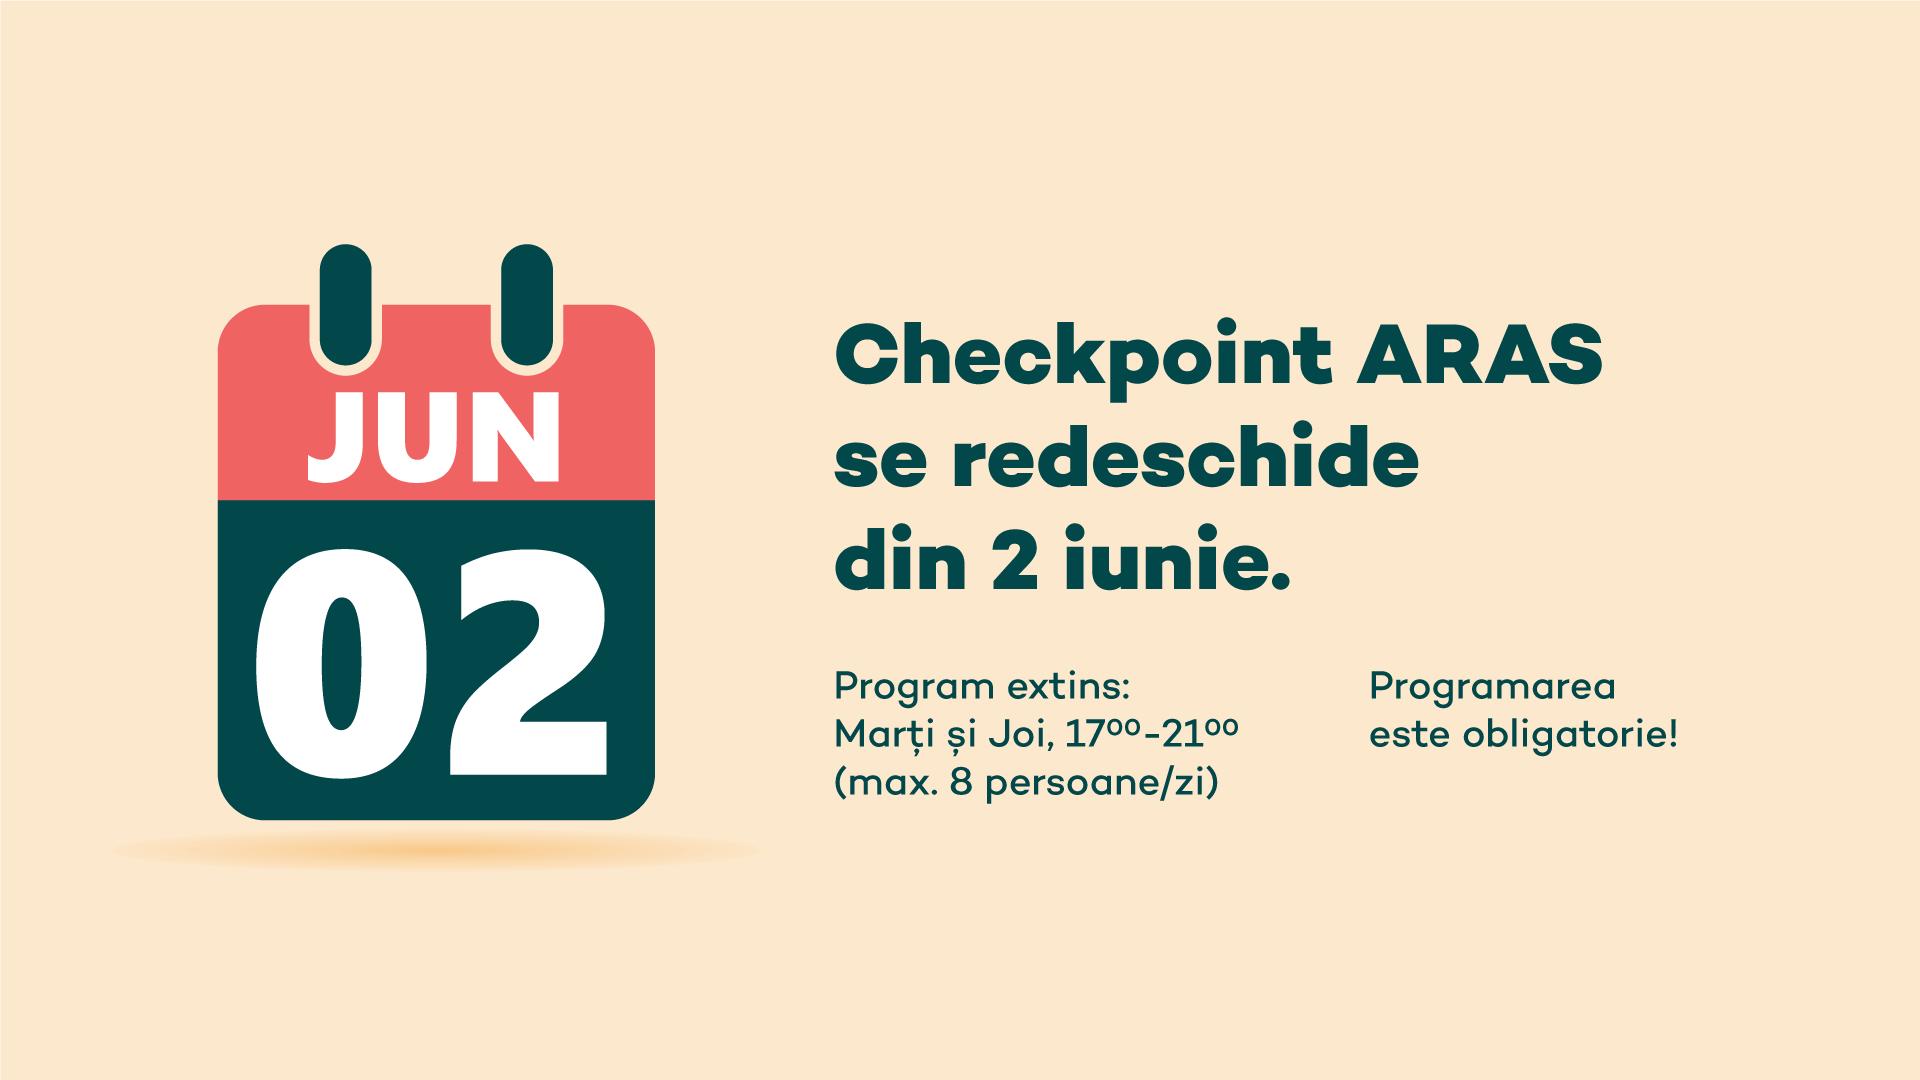 Checkpoint redeschidere